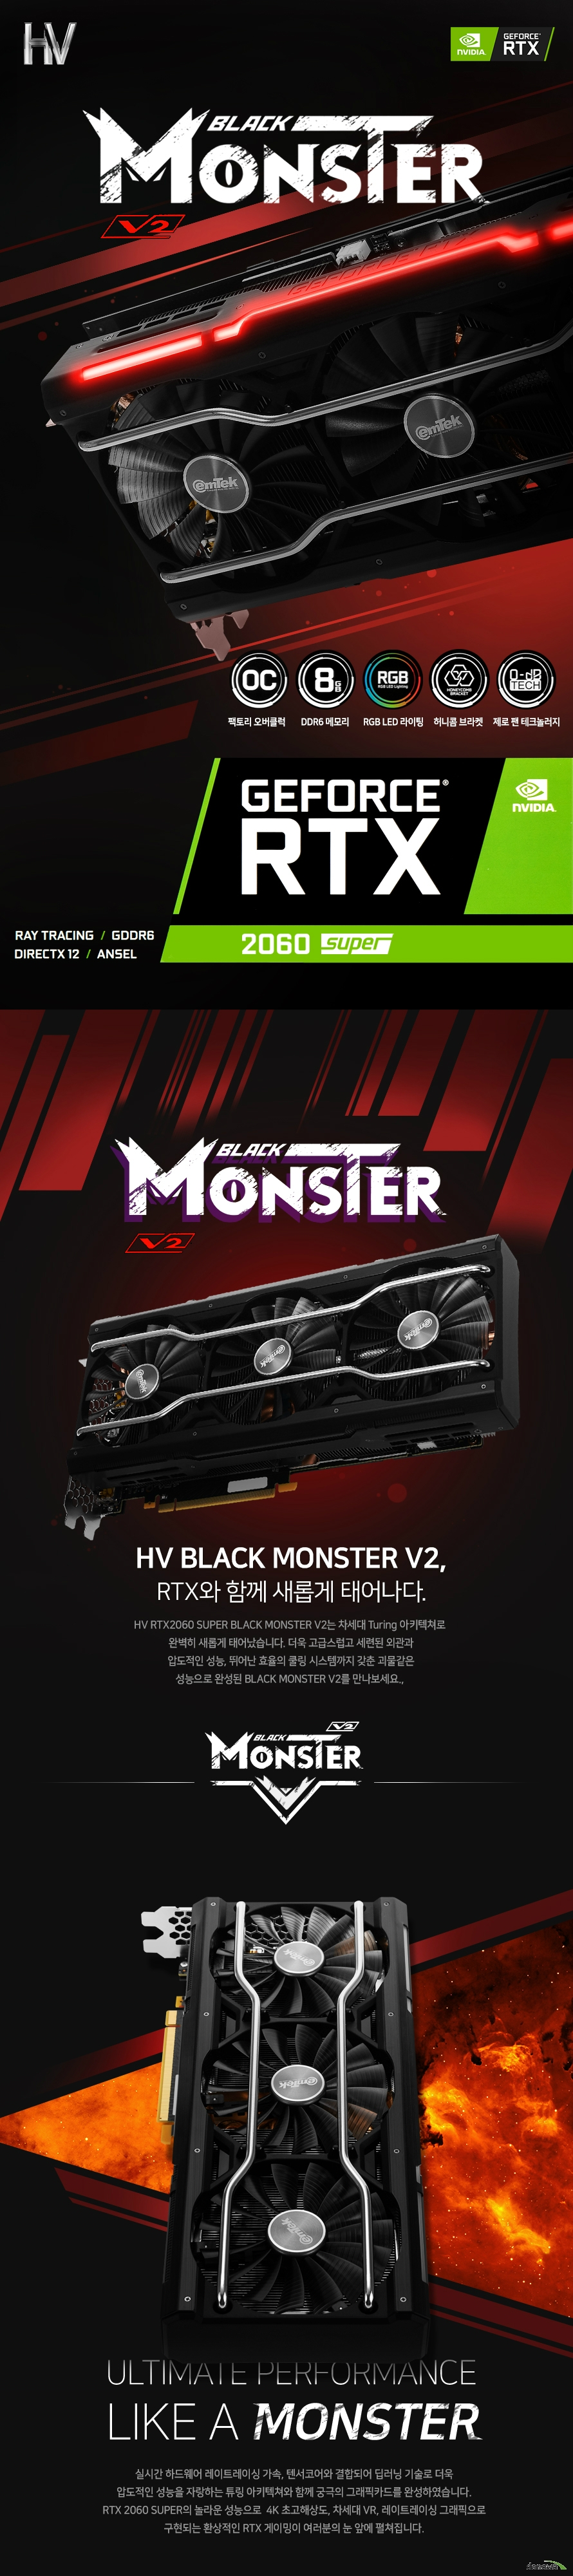 이엠텍 HV 지포스 RTX 2060 SUPER BLACK MONSTER V2 OC D6 8GB  제품 사이즈  길이 292 밀리미터 높이 130 밀리미터 두께 59.6 밀리미터  쿠다코어 개수 2176개 베이스 클럭 1470 메가헤르츠 부스트 클럭 1830 메가헤르츠  메모리 버스 256 비트 메모리 타입 gddr6 8기가바이트 메모리 클럭 14000 메가헤르츠  후면 포트 Usb Hdmi 2.0b 포트 1개  Dp1.4 포트 3개 최대 7680 4320 해상도 지원 최대 멀티 디스플레이 4대 지원  소비 전력 215와트 권장 전력 550와트 8+6핀 전원 커넥터 지원  지원 운영체제 윈도우 10 8 7 32 및 64비트 지원 kc인증번호 R-R-EMT-PT-N206-S